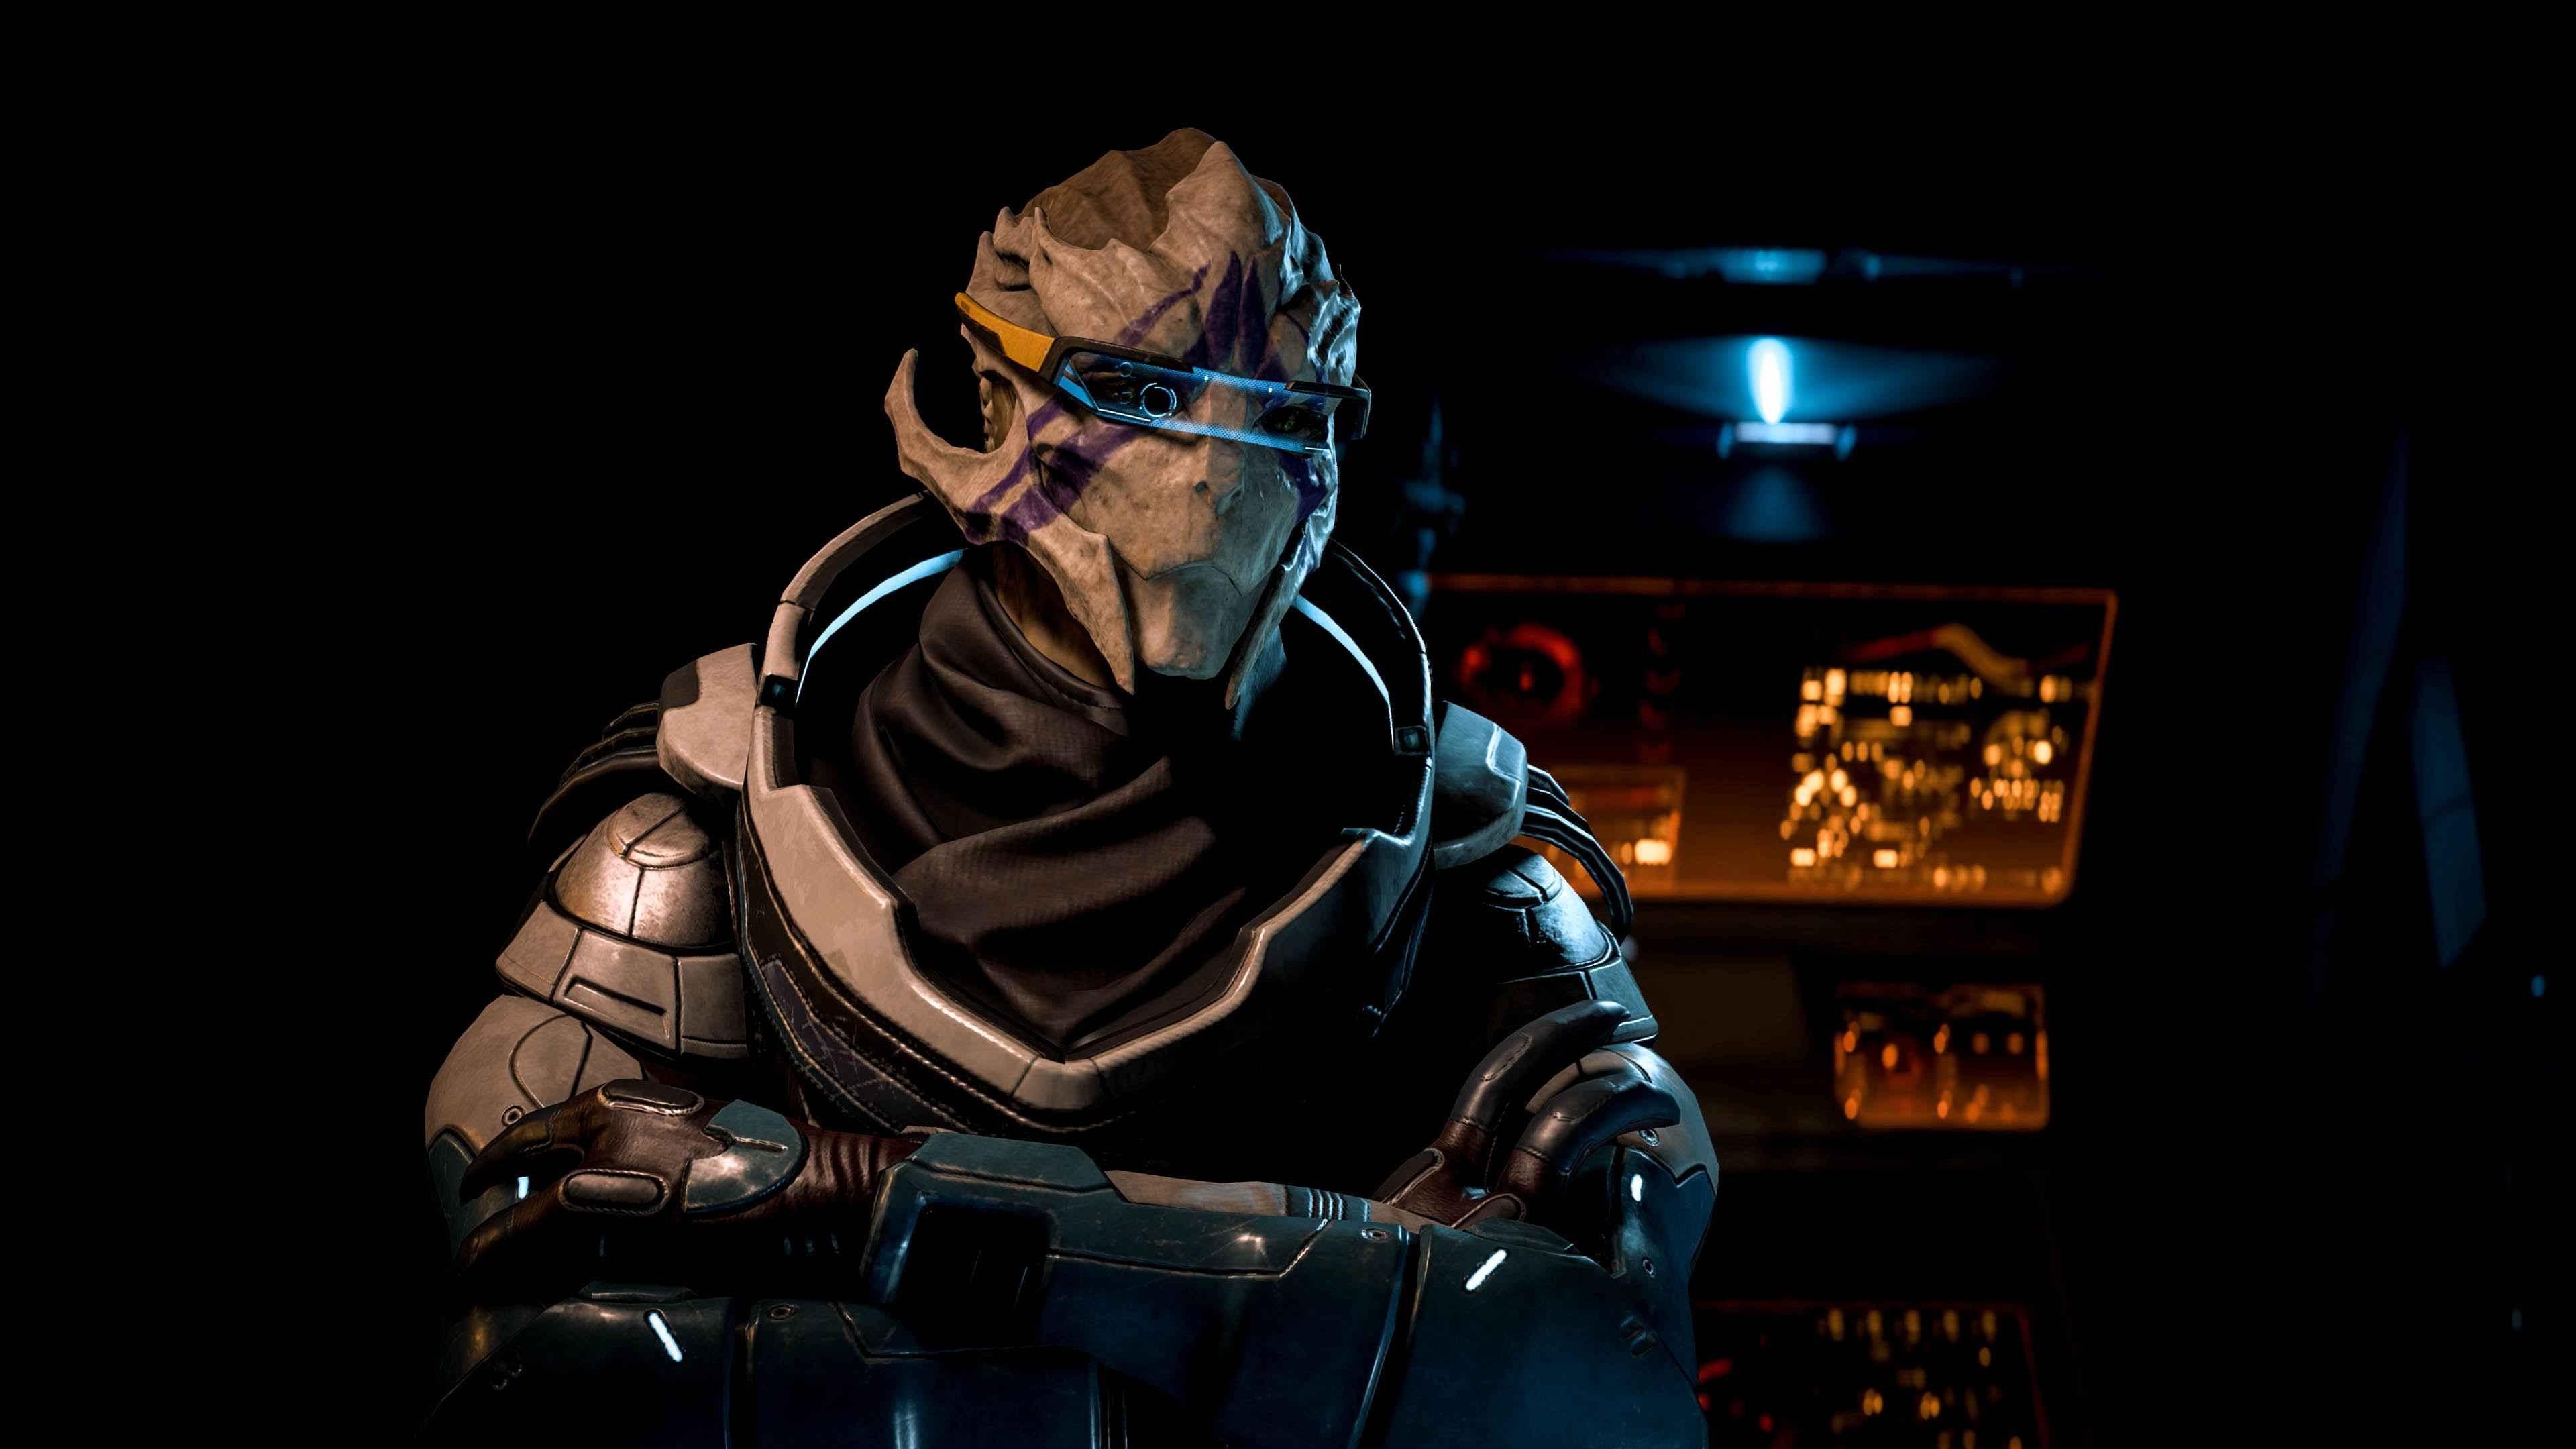 Mass Effect - Marke wohl auf Eis, Entwickler wird zum Aushilfsstudio